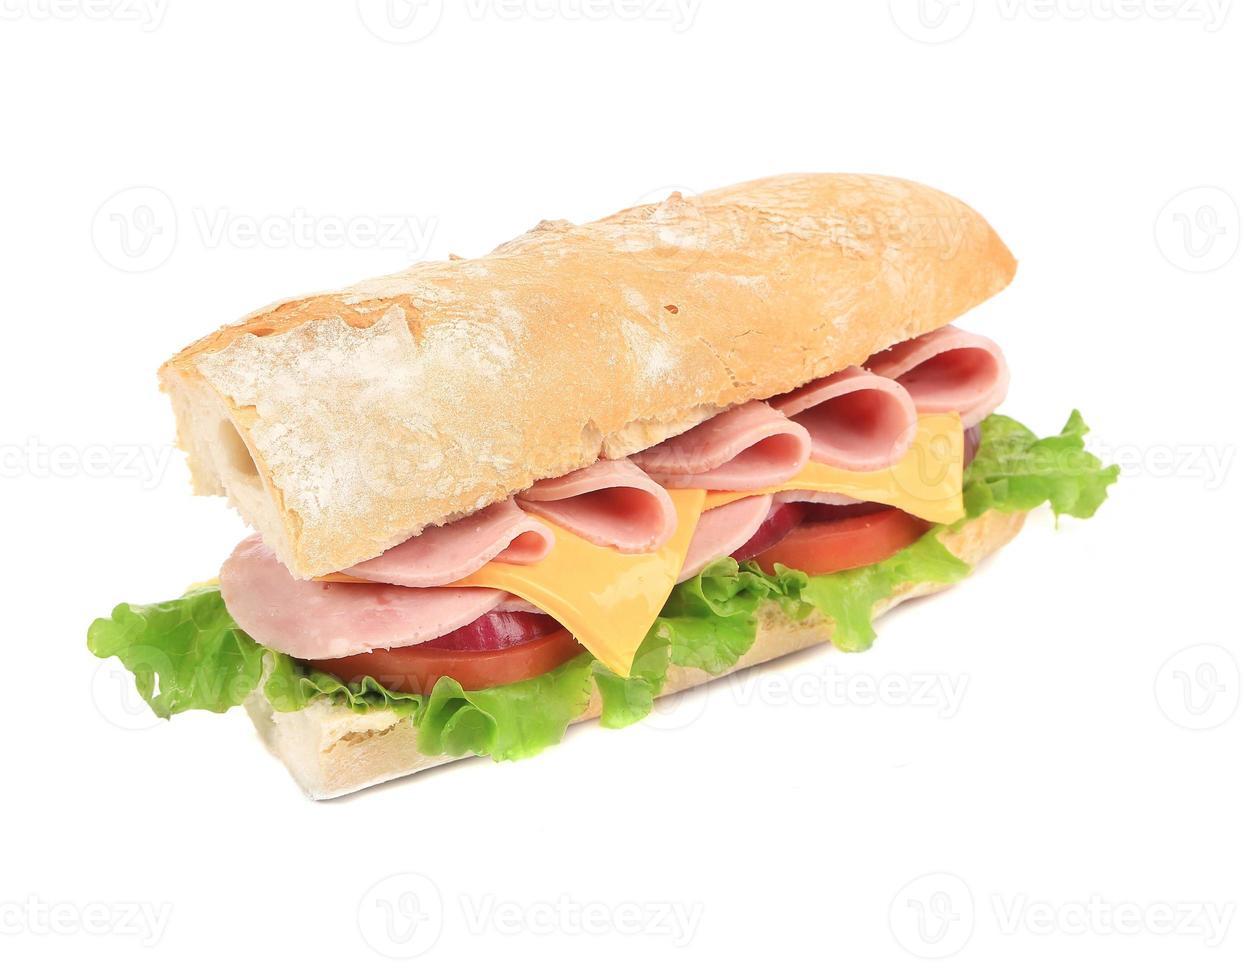 smörgås från nyskuren bagett. foto